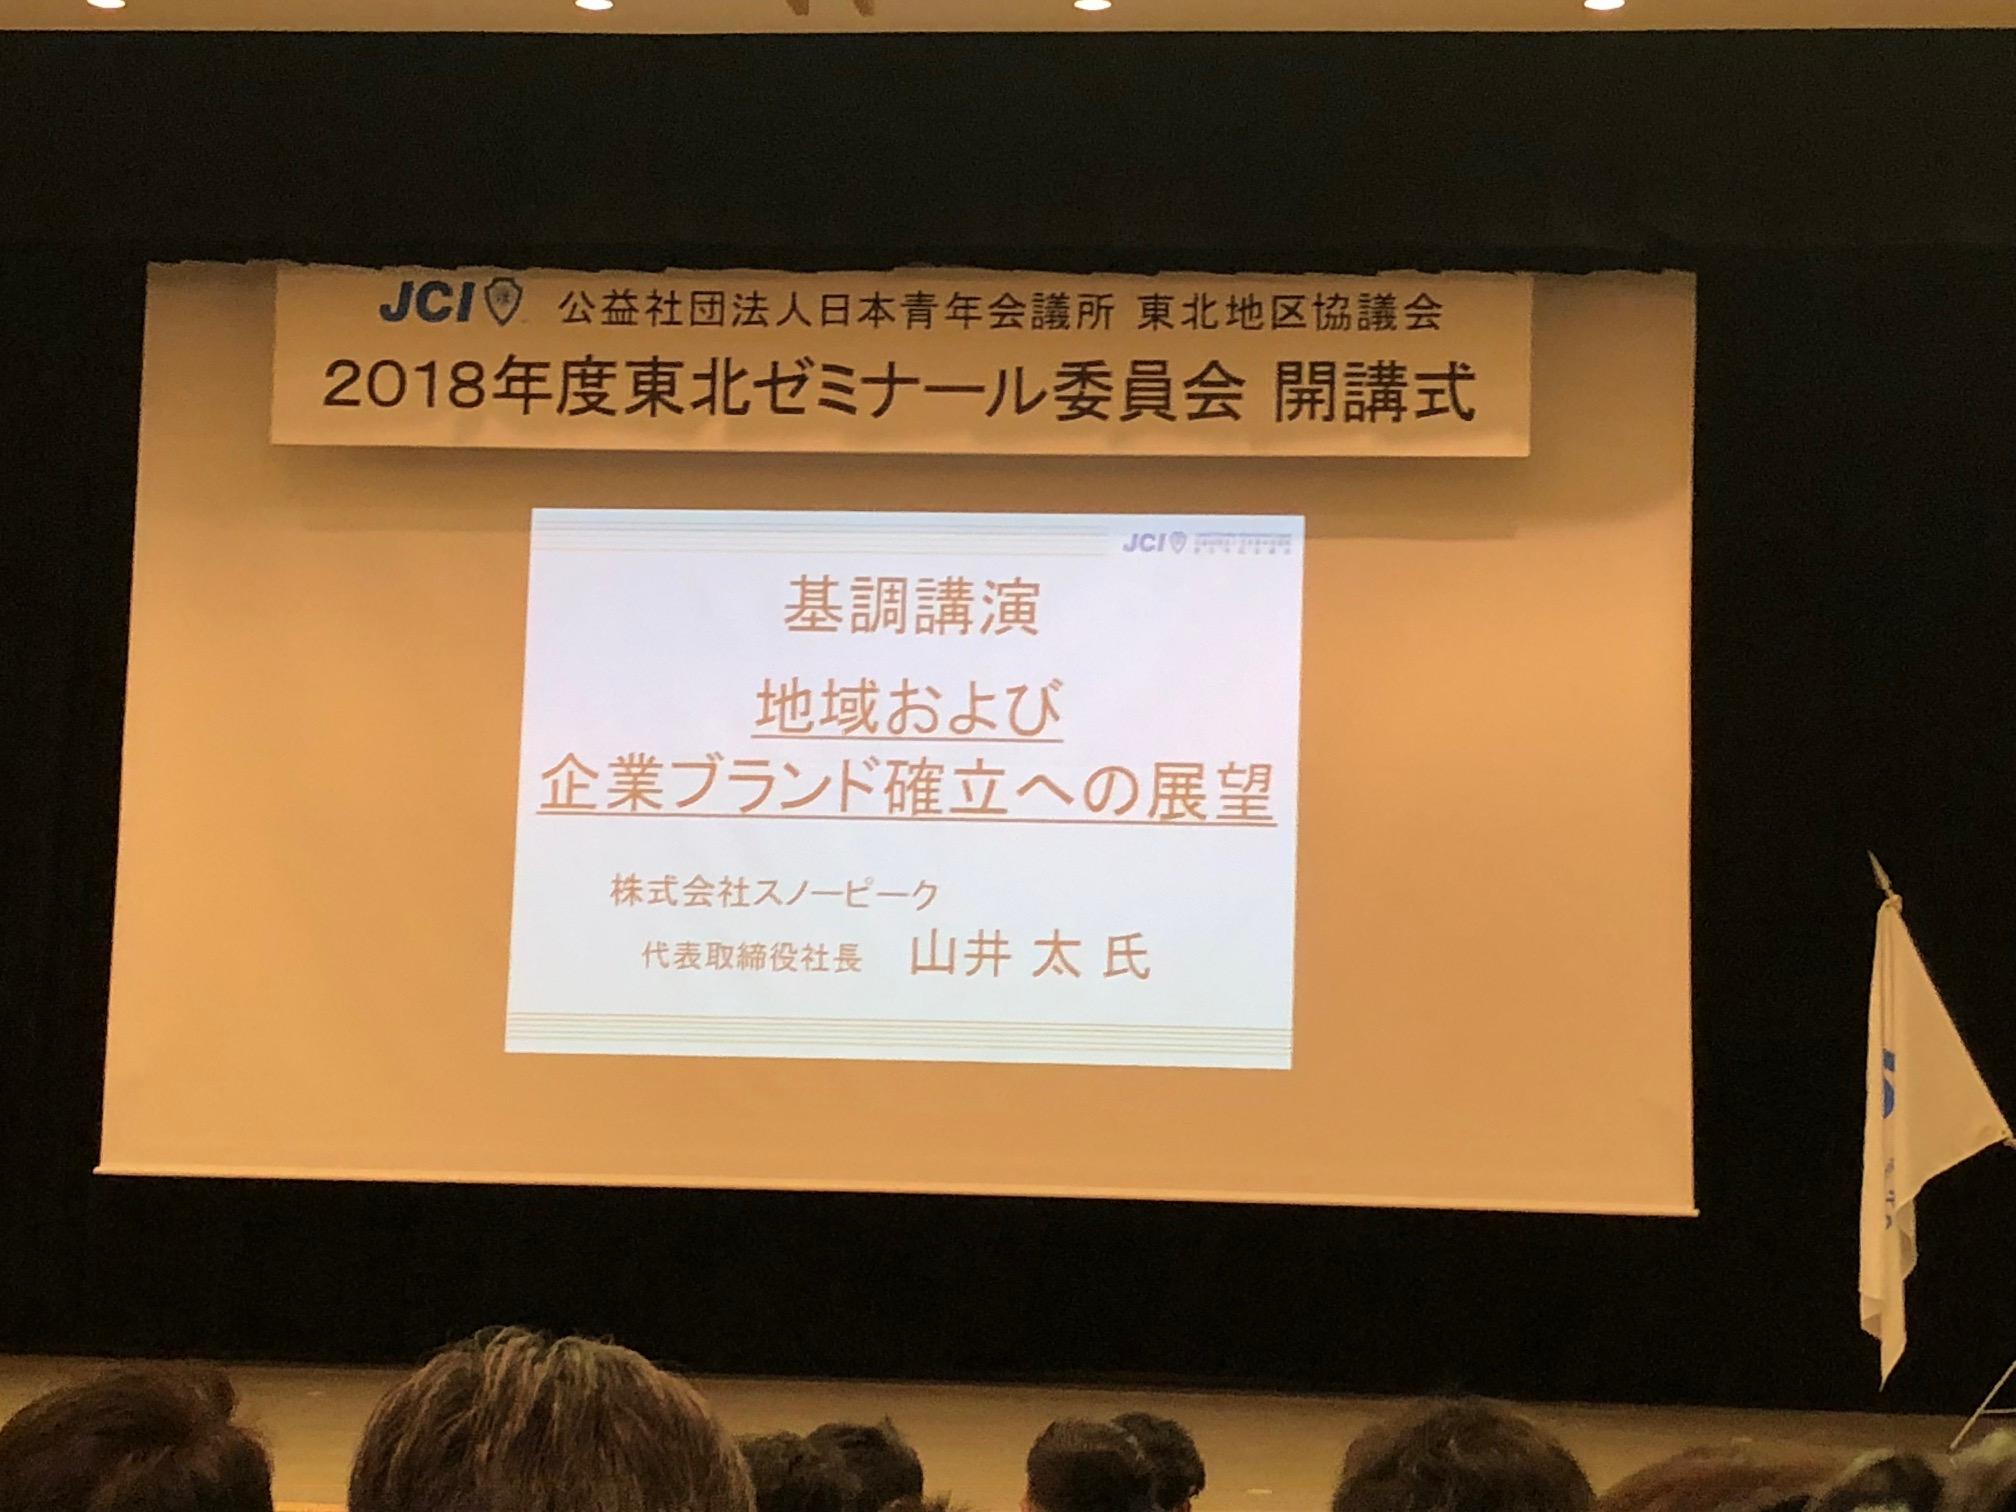 2/10(土) 東北ゼミナール委員会 開講式in仙台:画像